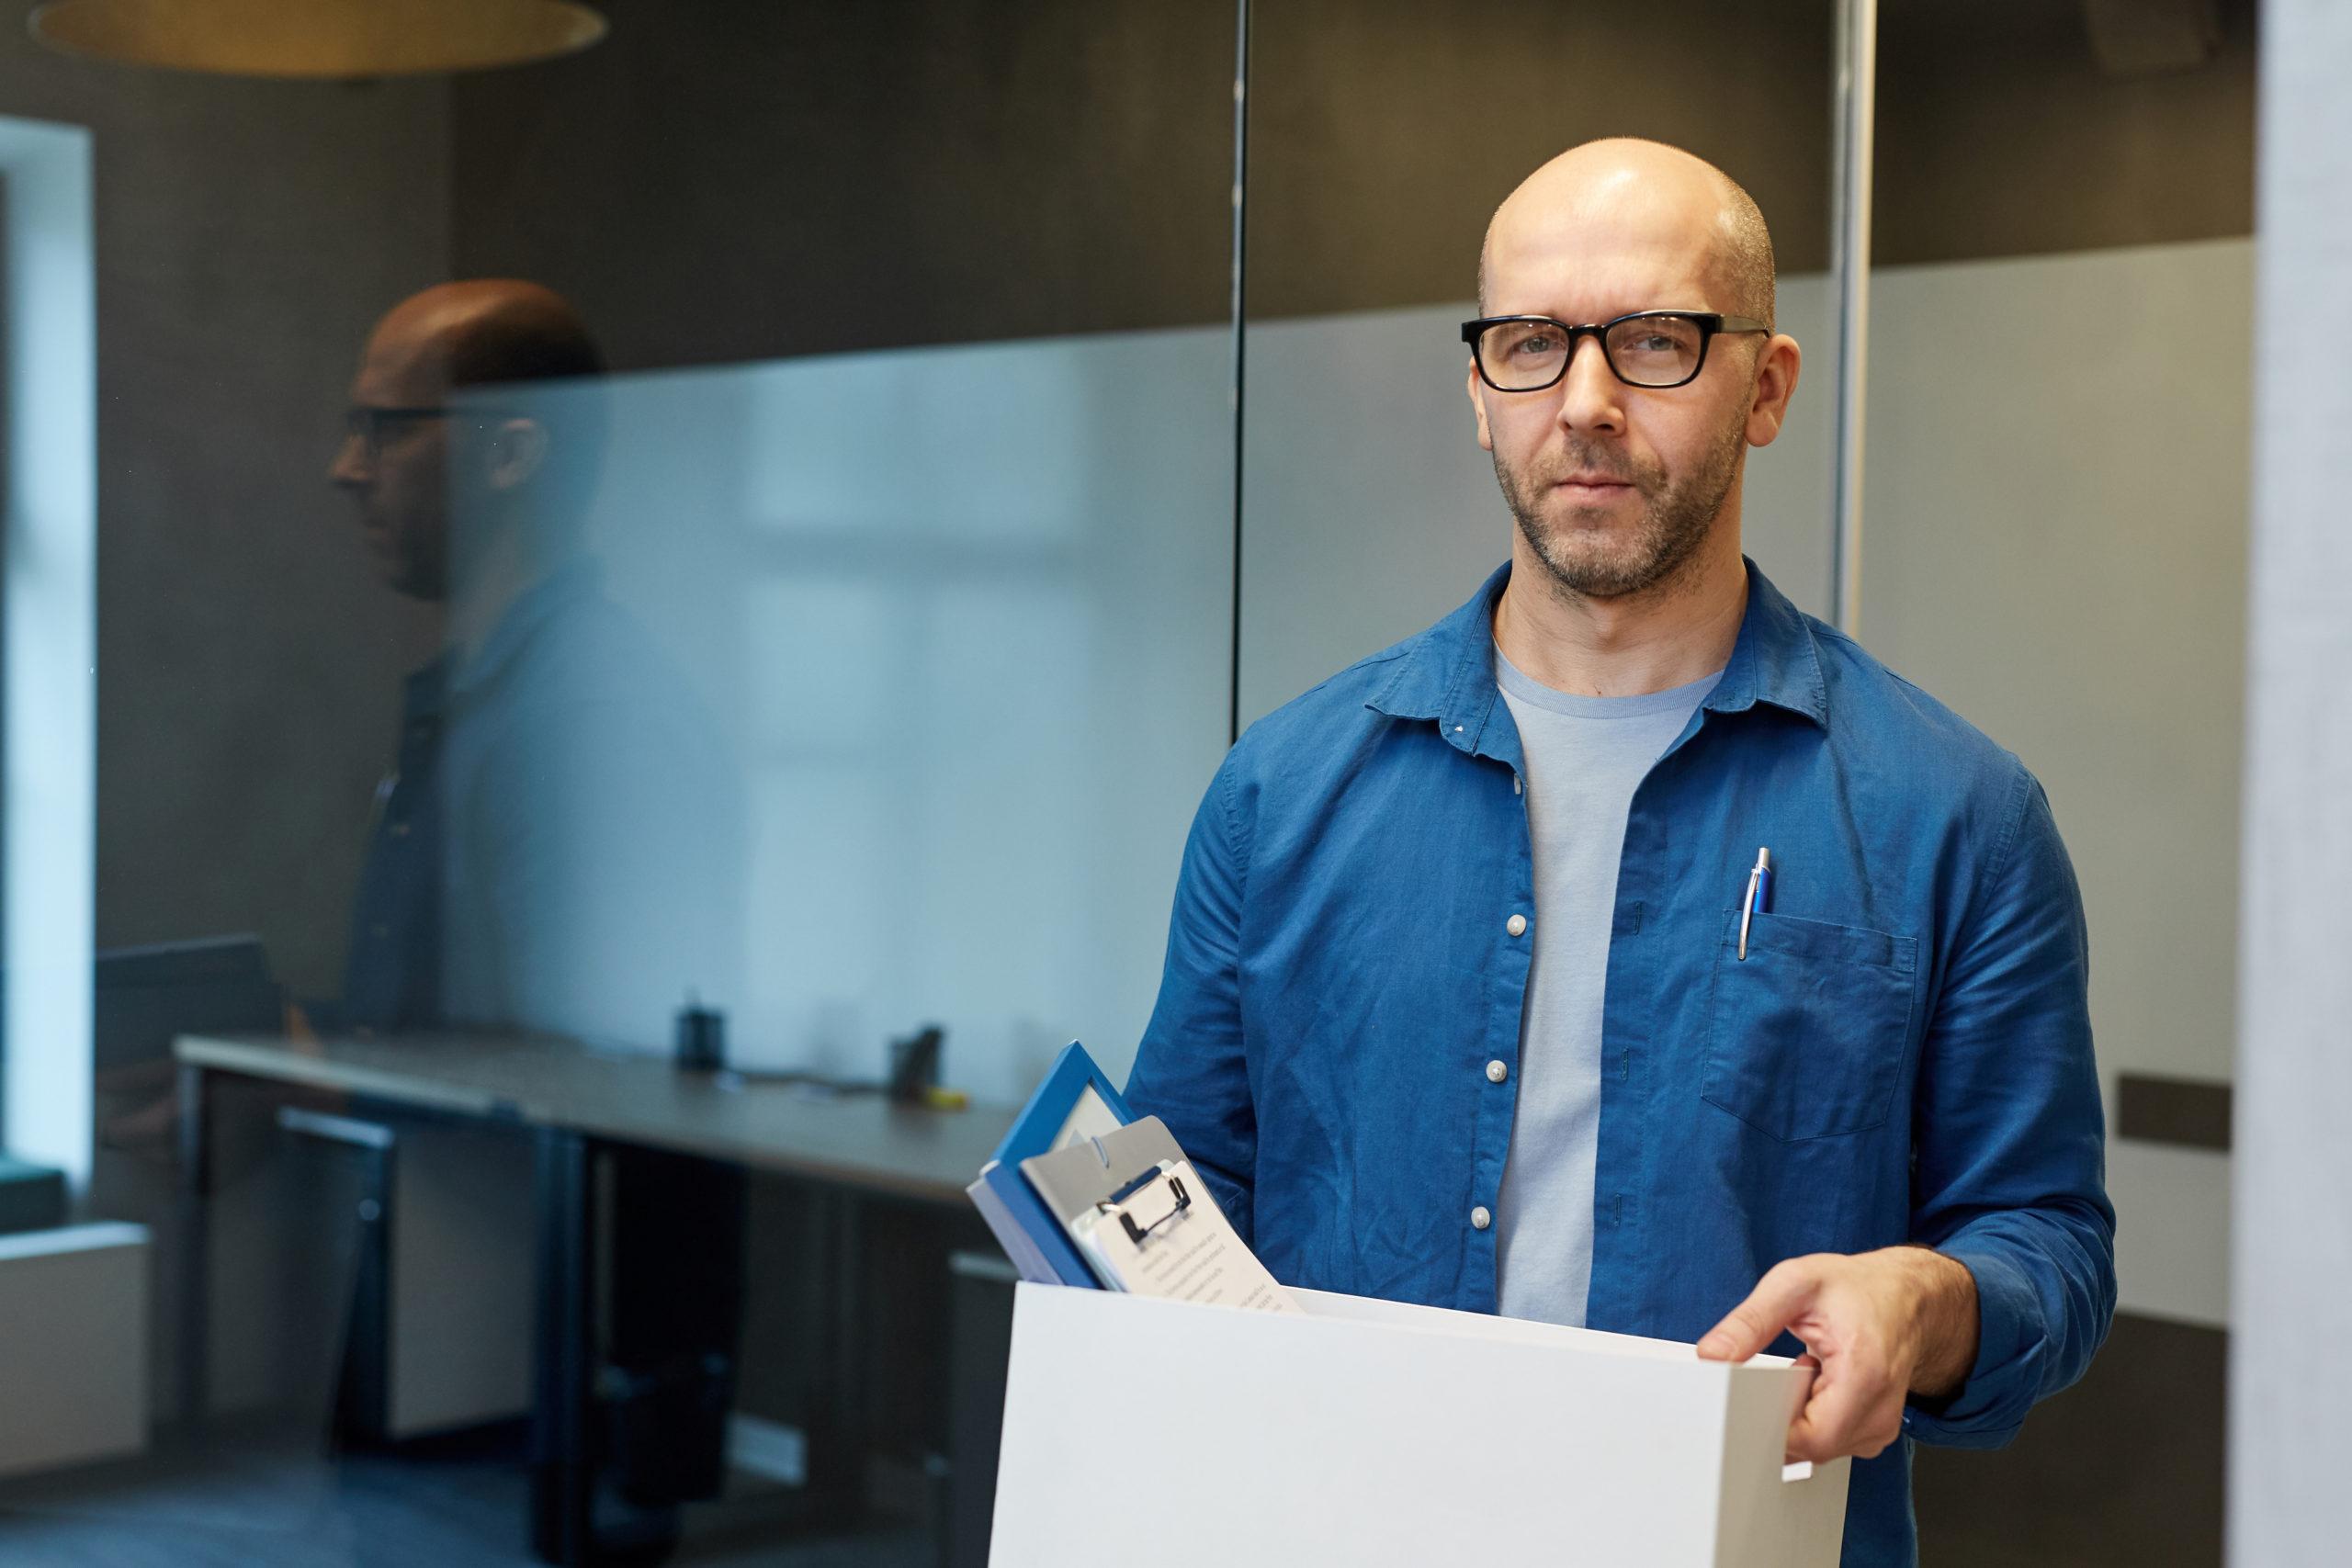 Mann hinterlegt seine Patientenverfügung und seinen Vorsorgeauftrag in einer Box zu Hause.